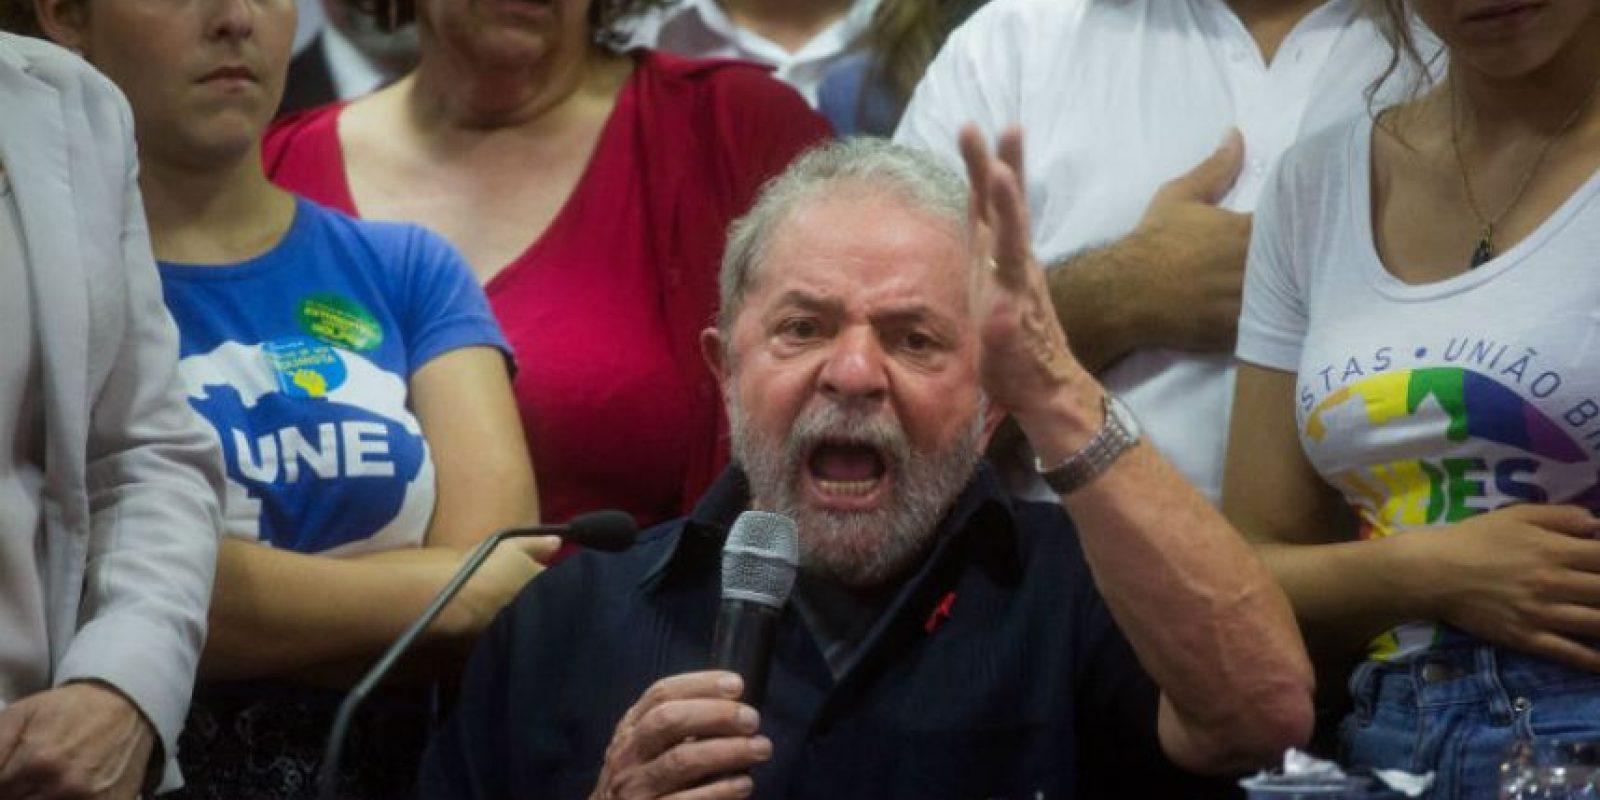 Fue hasta este 4 de marzo que autoridades brasileñas lo arrestaron por su supuesta vinculación con el caso de corrupción Petrobras. Foto:Getty Images